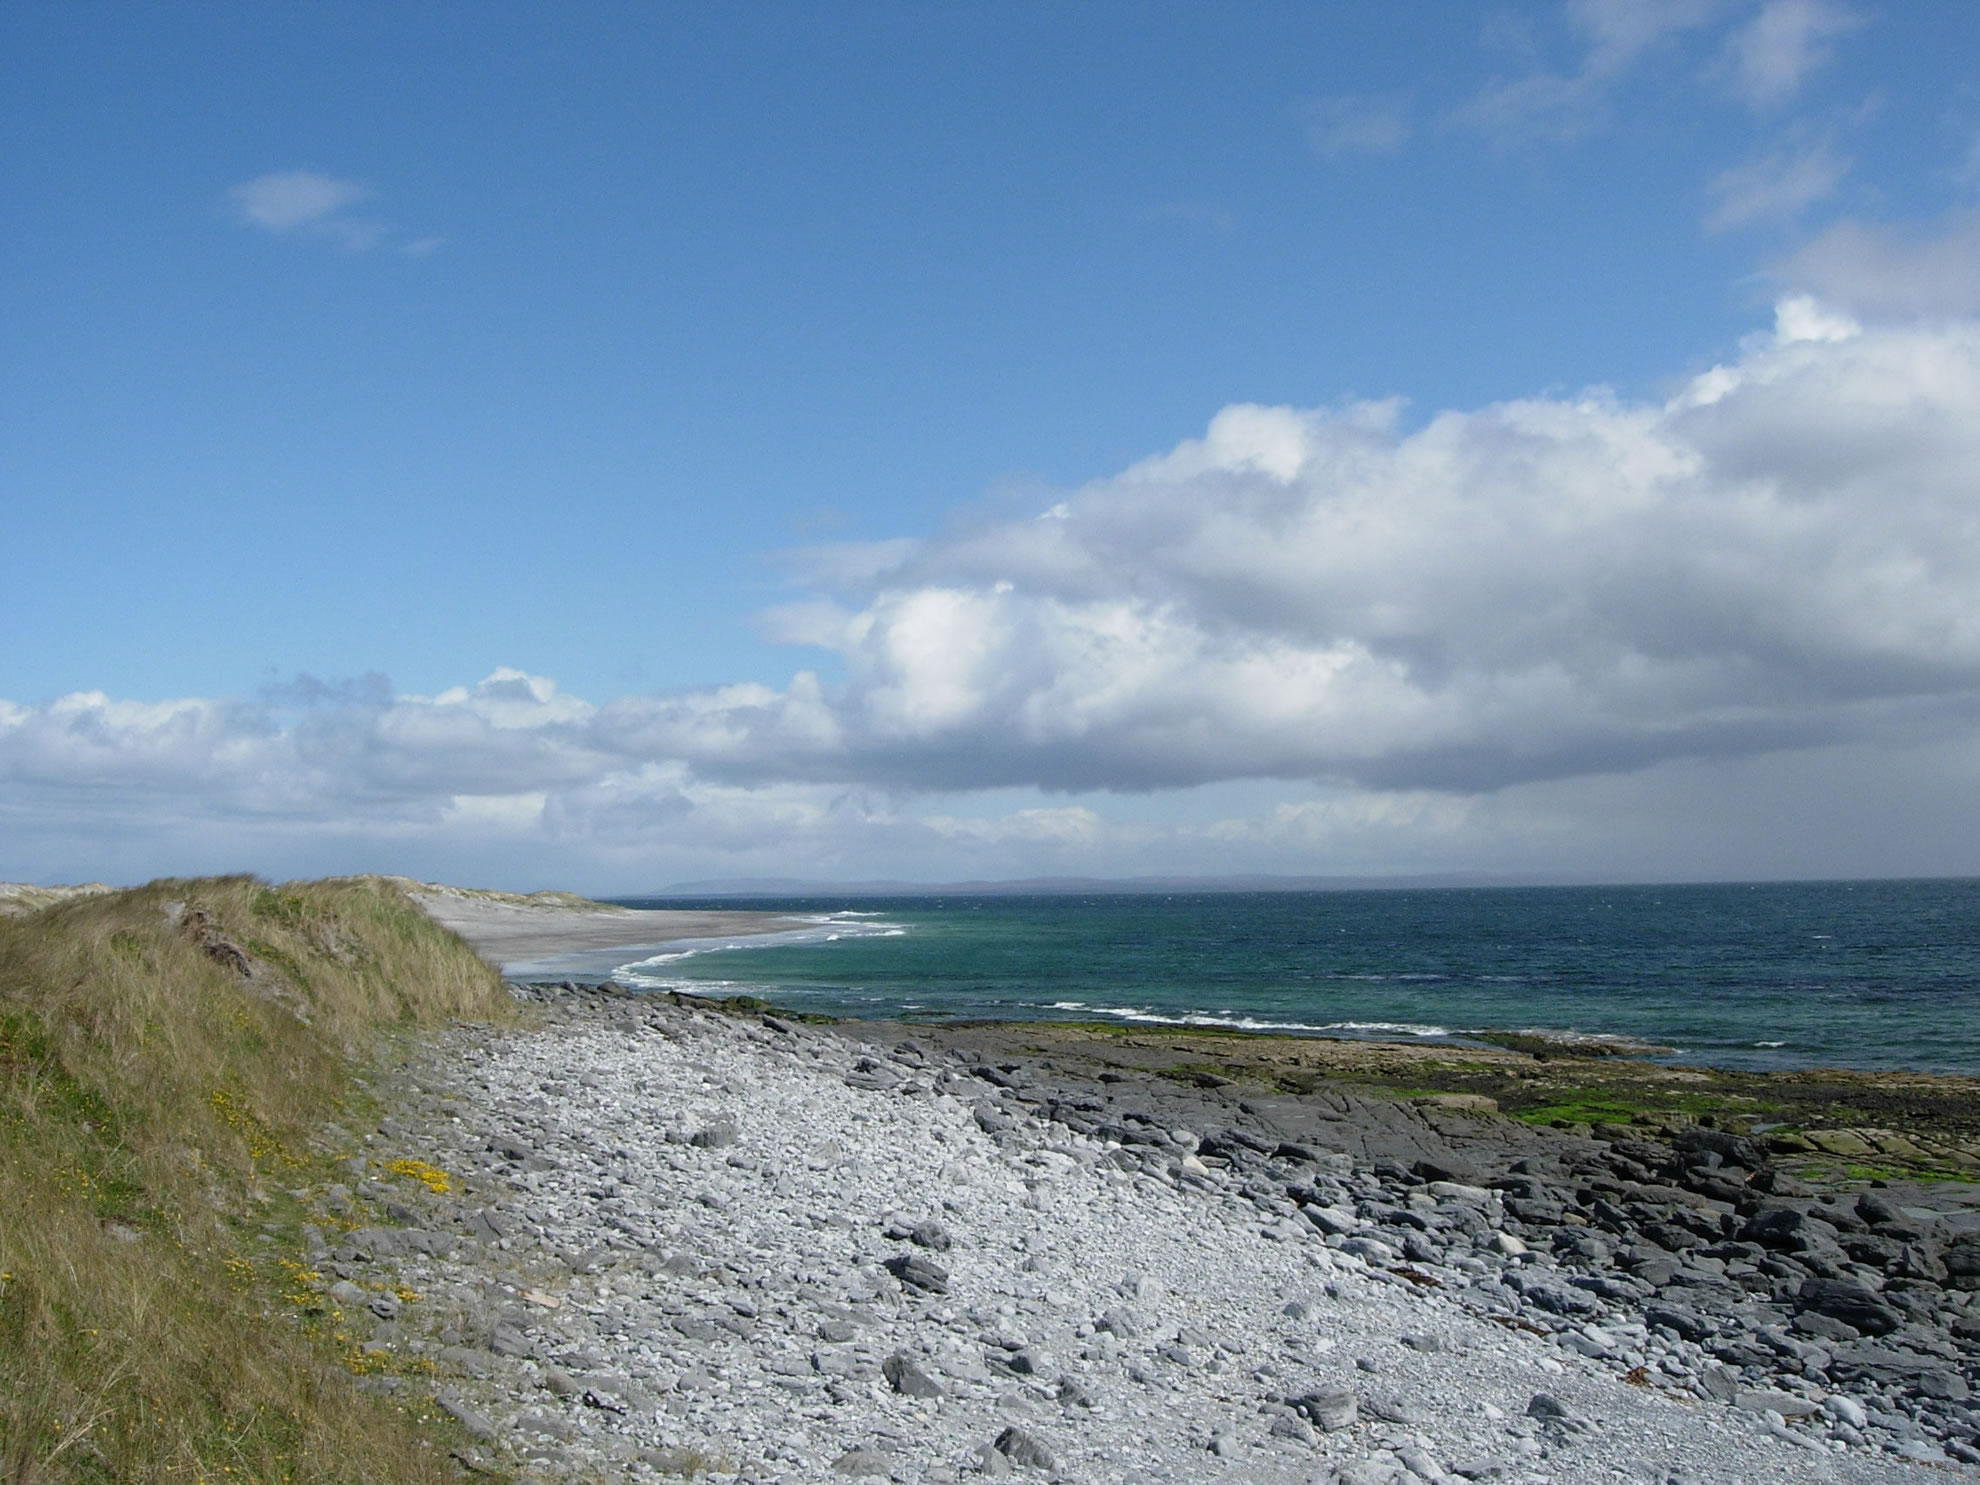 Inis Meain - Beach